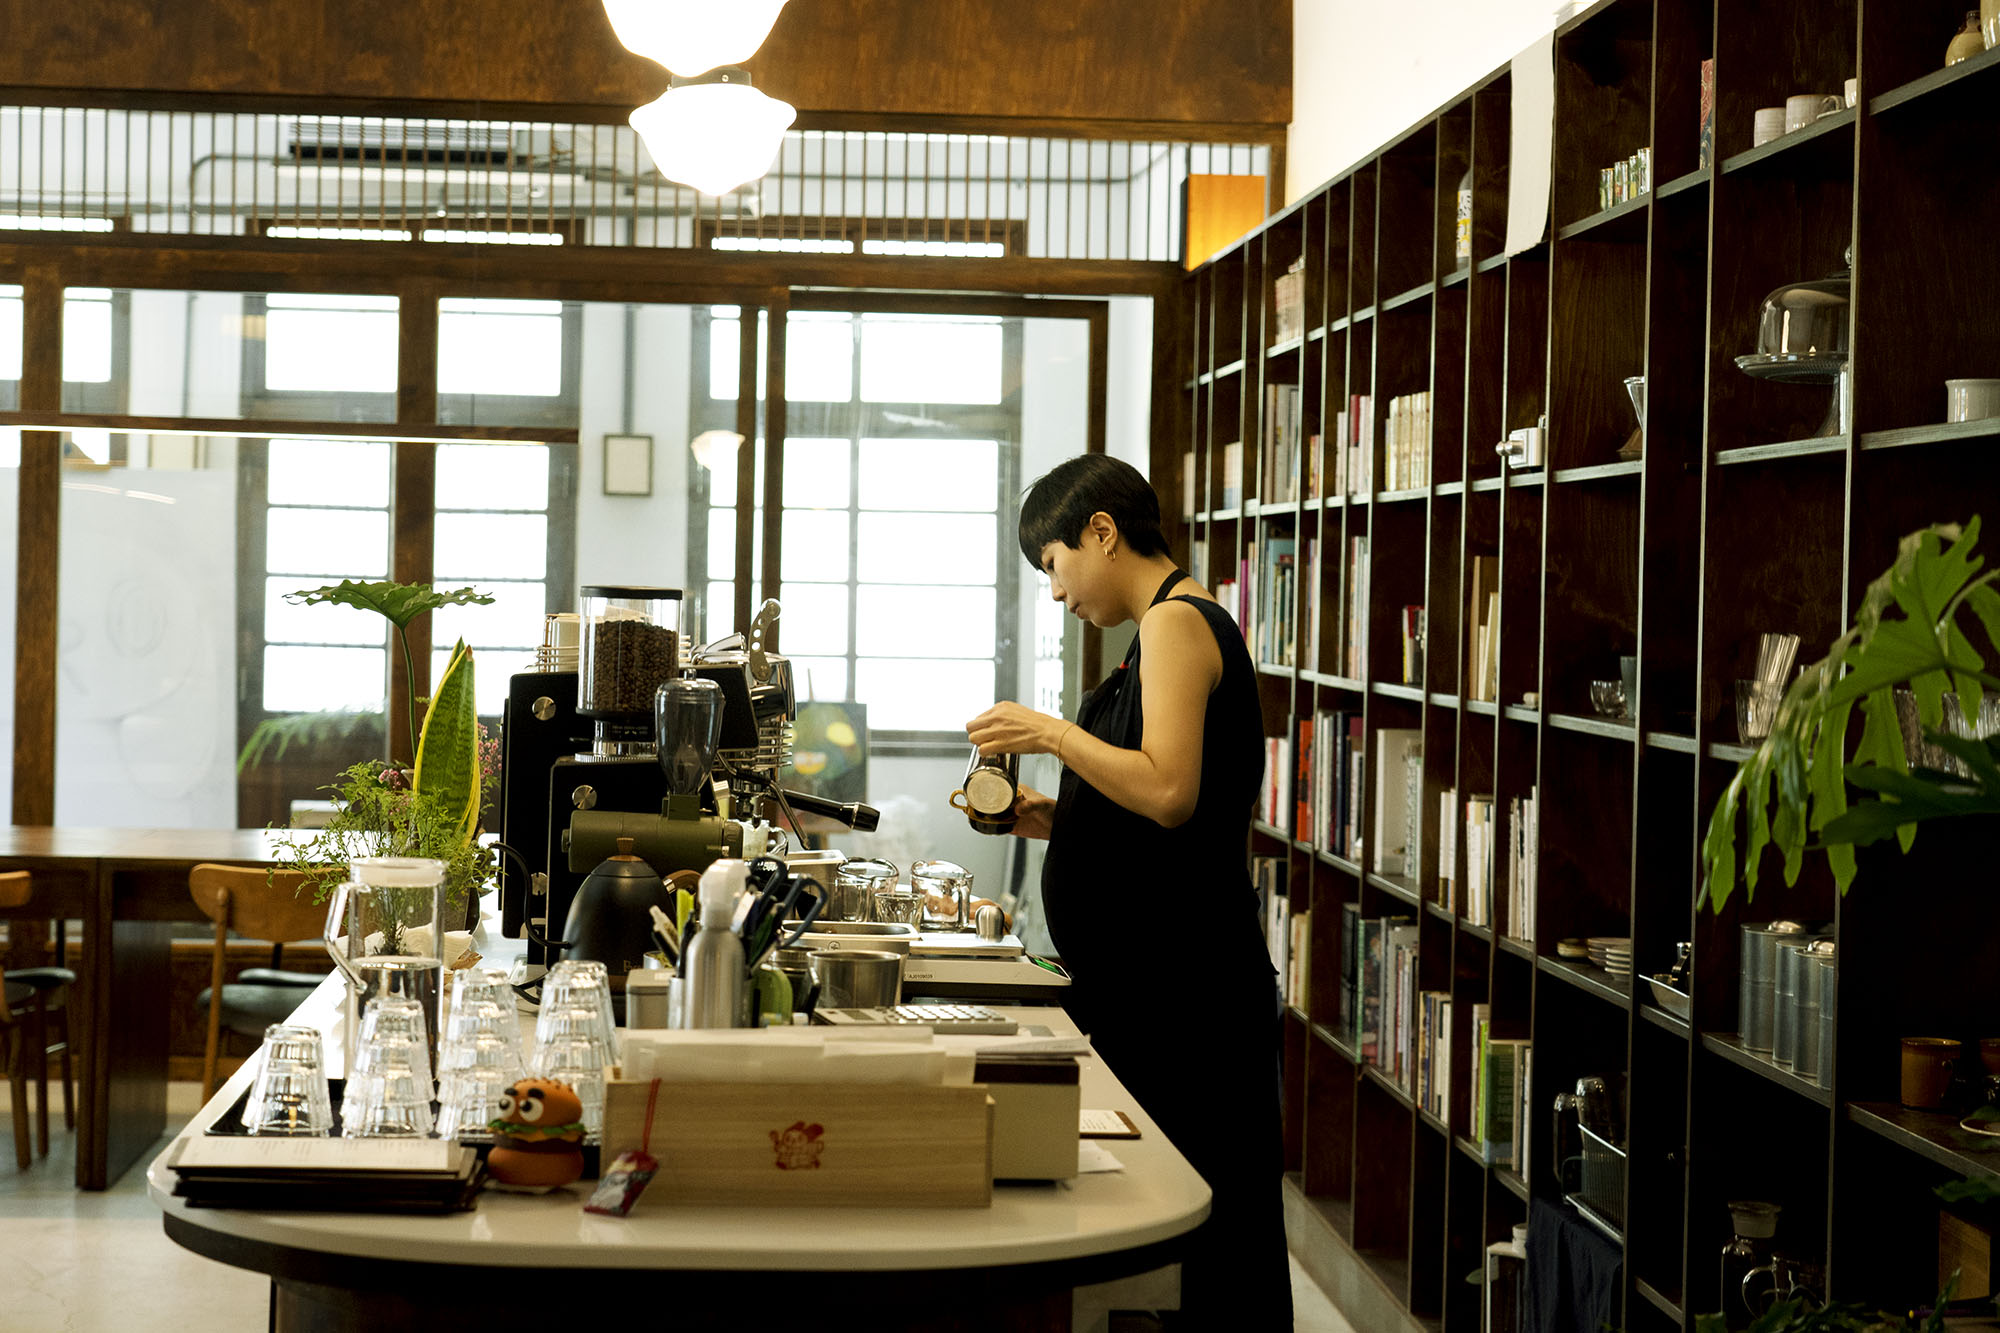 台北 玉虫畫室咖啡|沈浸在小小的世界裡,互不打擾。